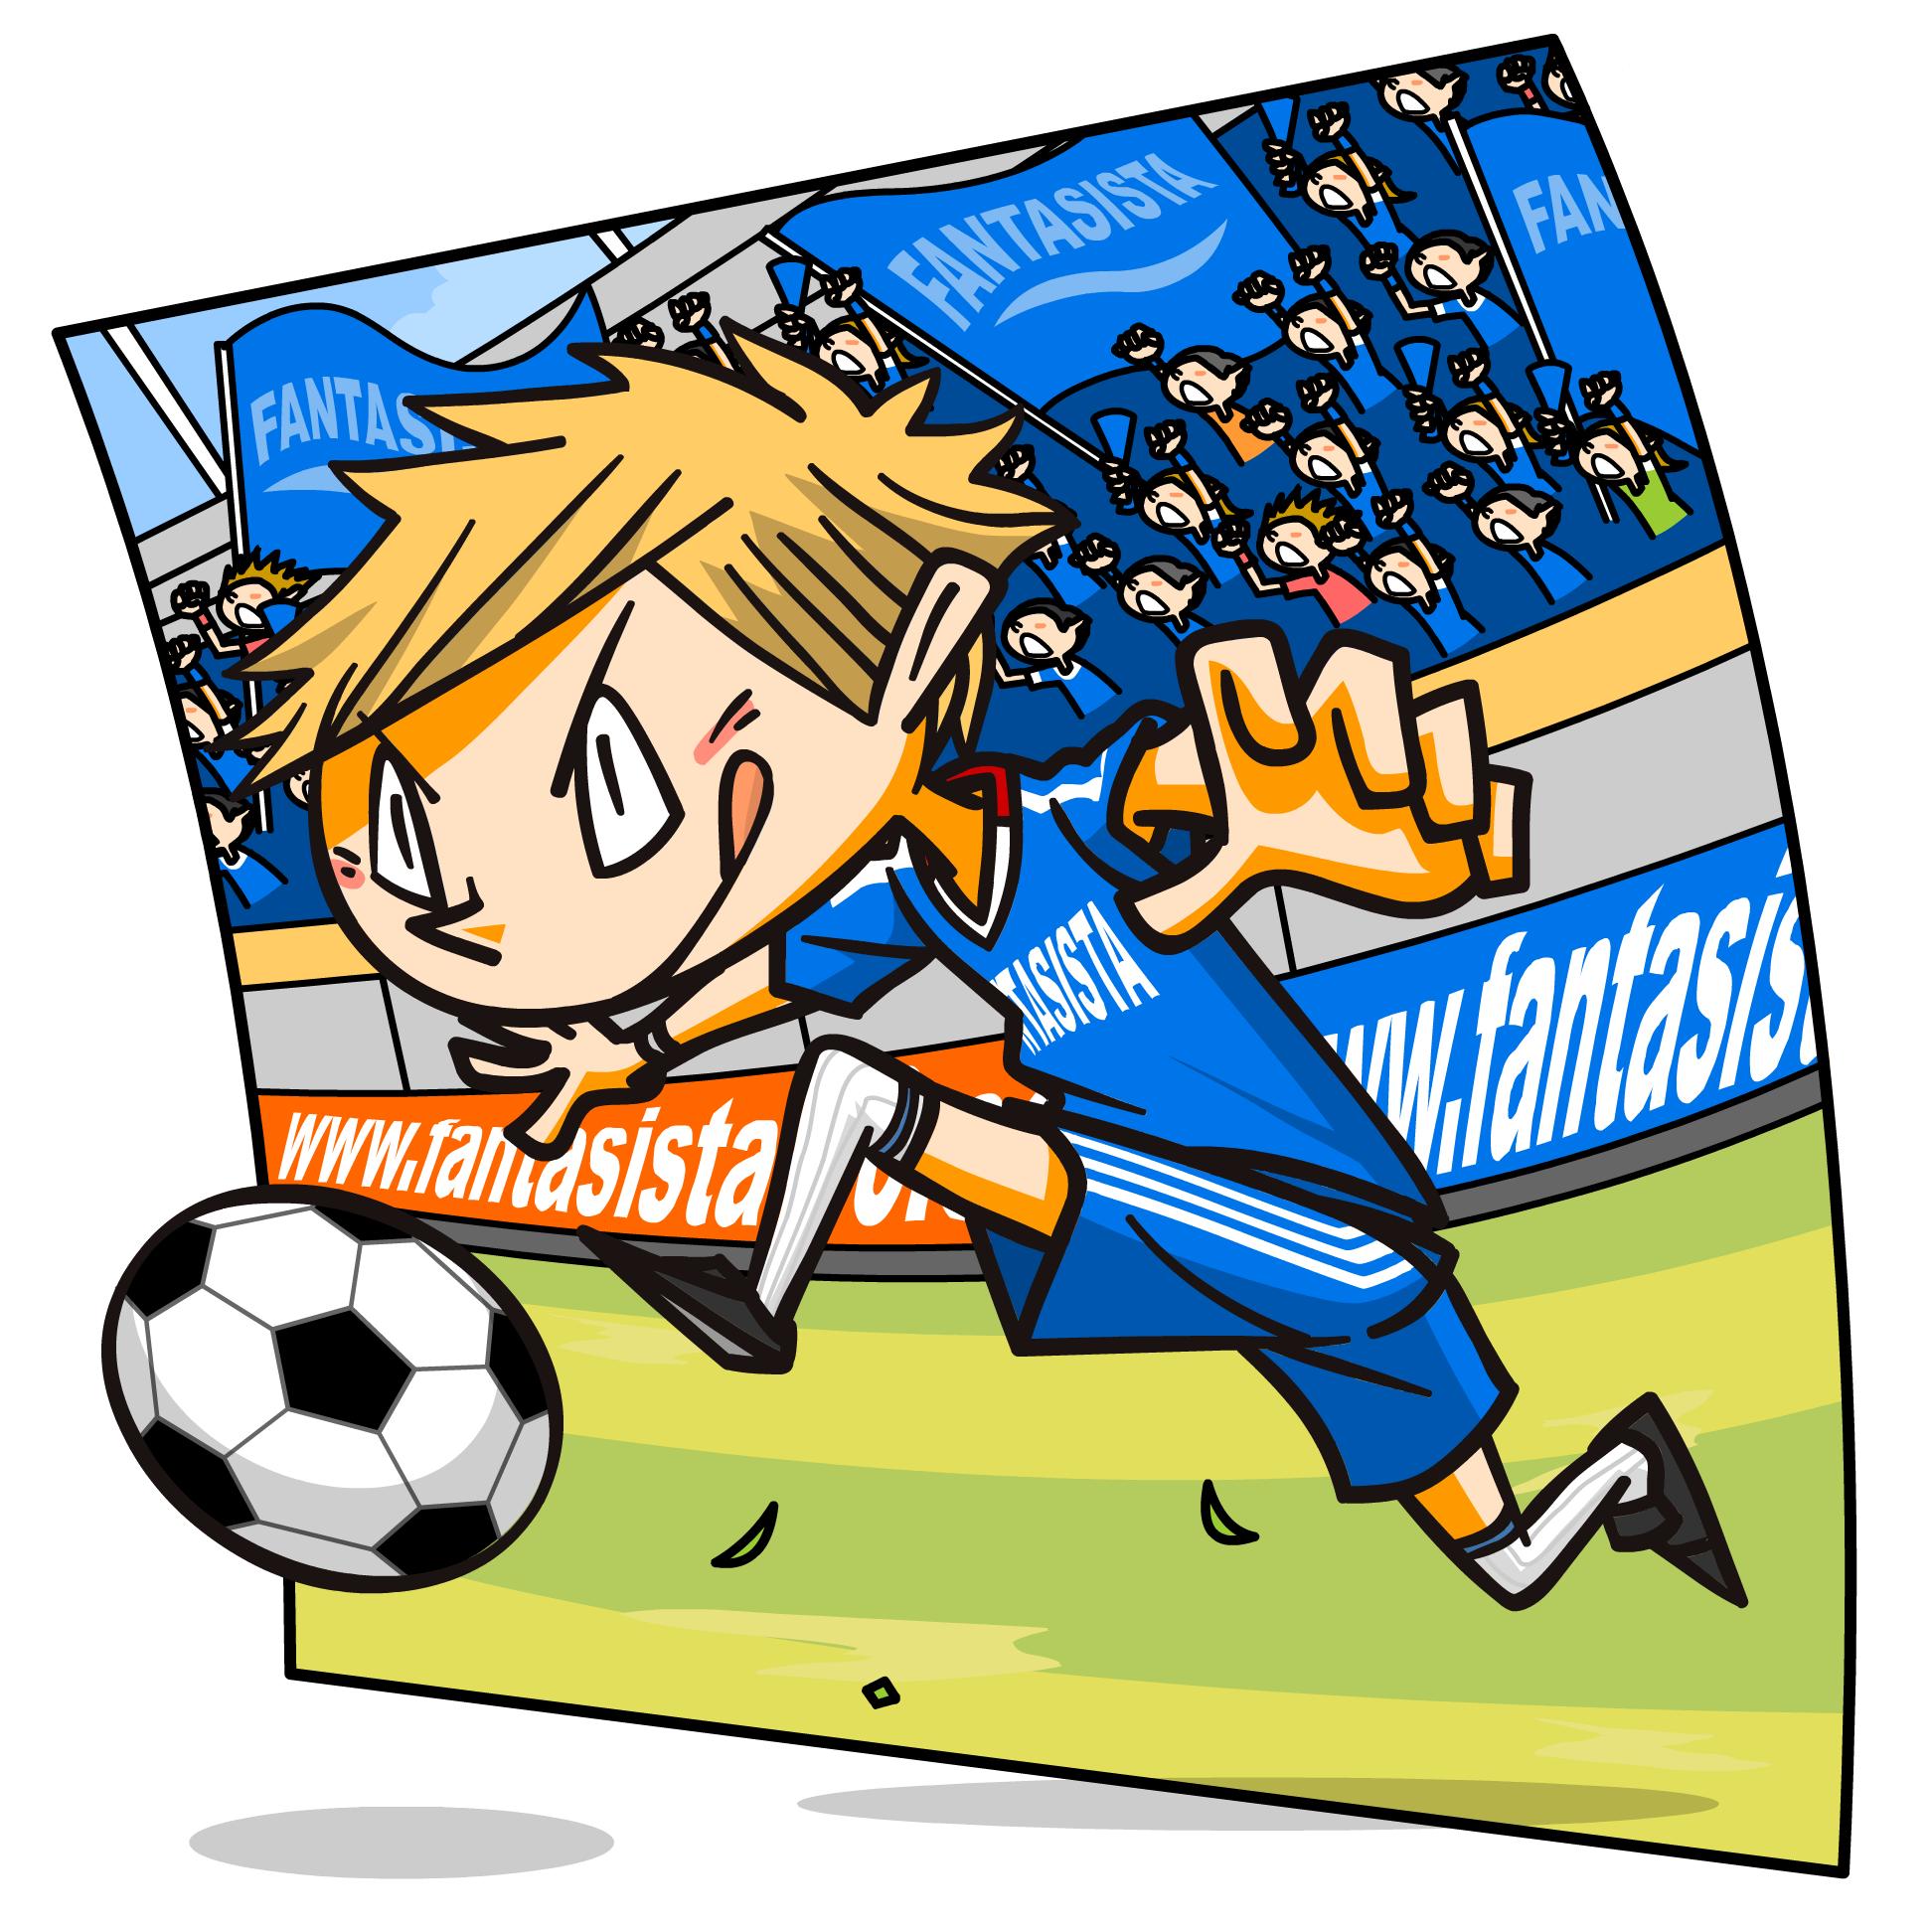 サッカーテーマWEBキャラ